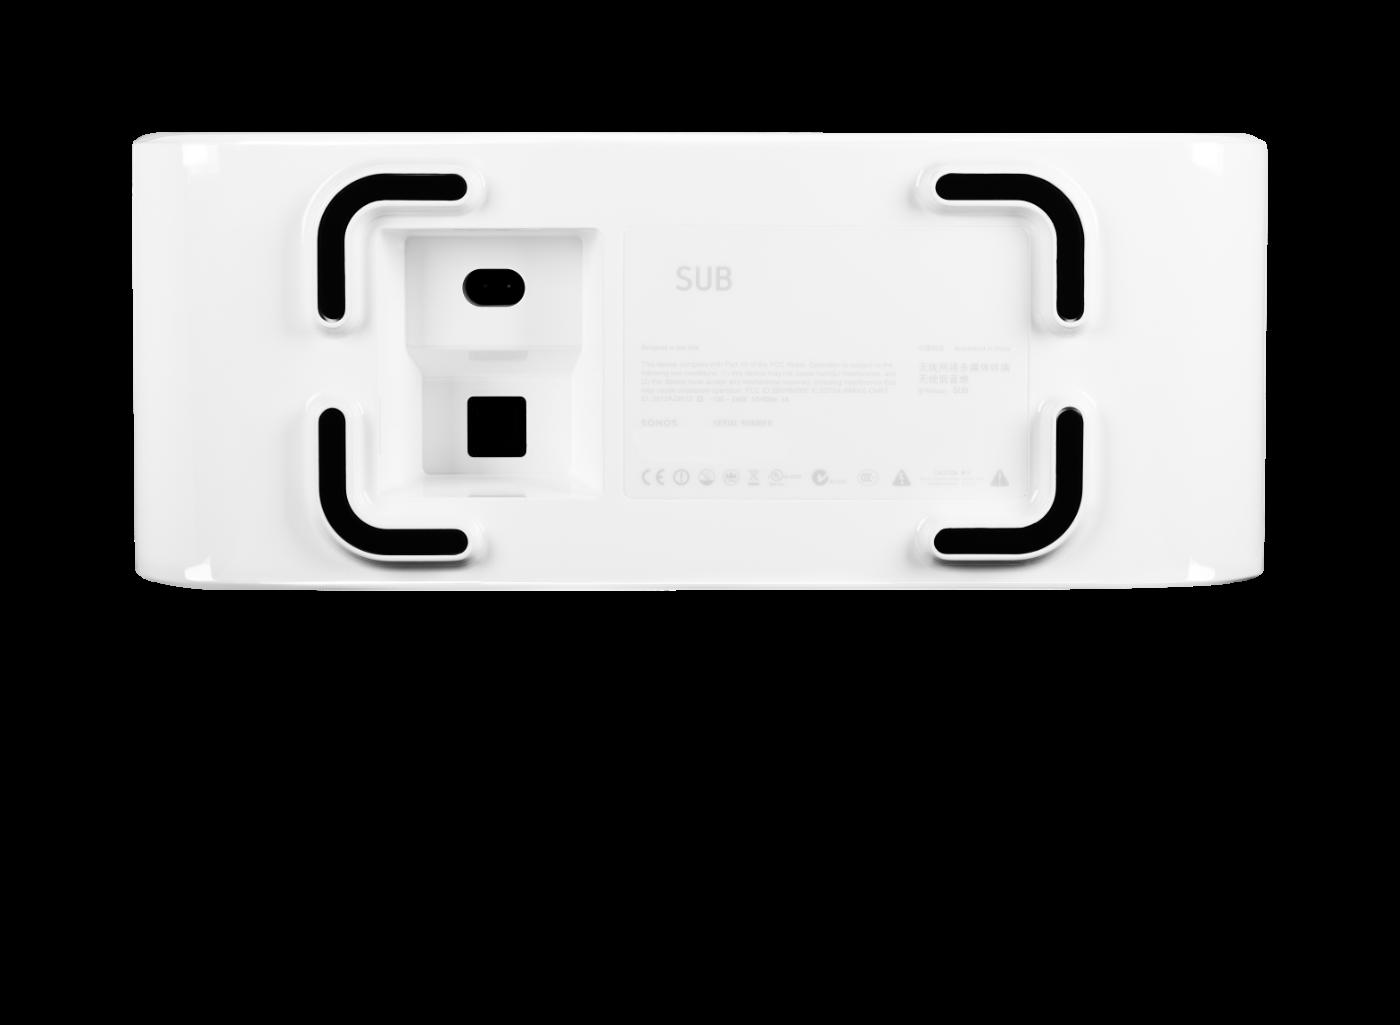 Sub_Gen_2_White-Product_Render-Underside-Tabletop-FY19_MST-MST_fid33197